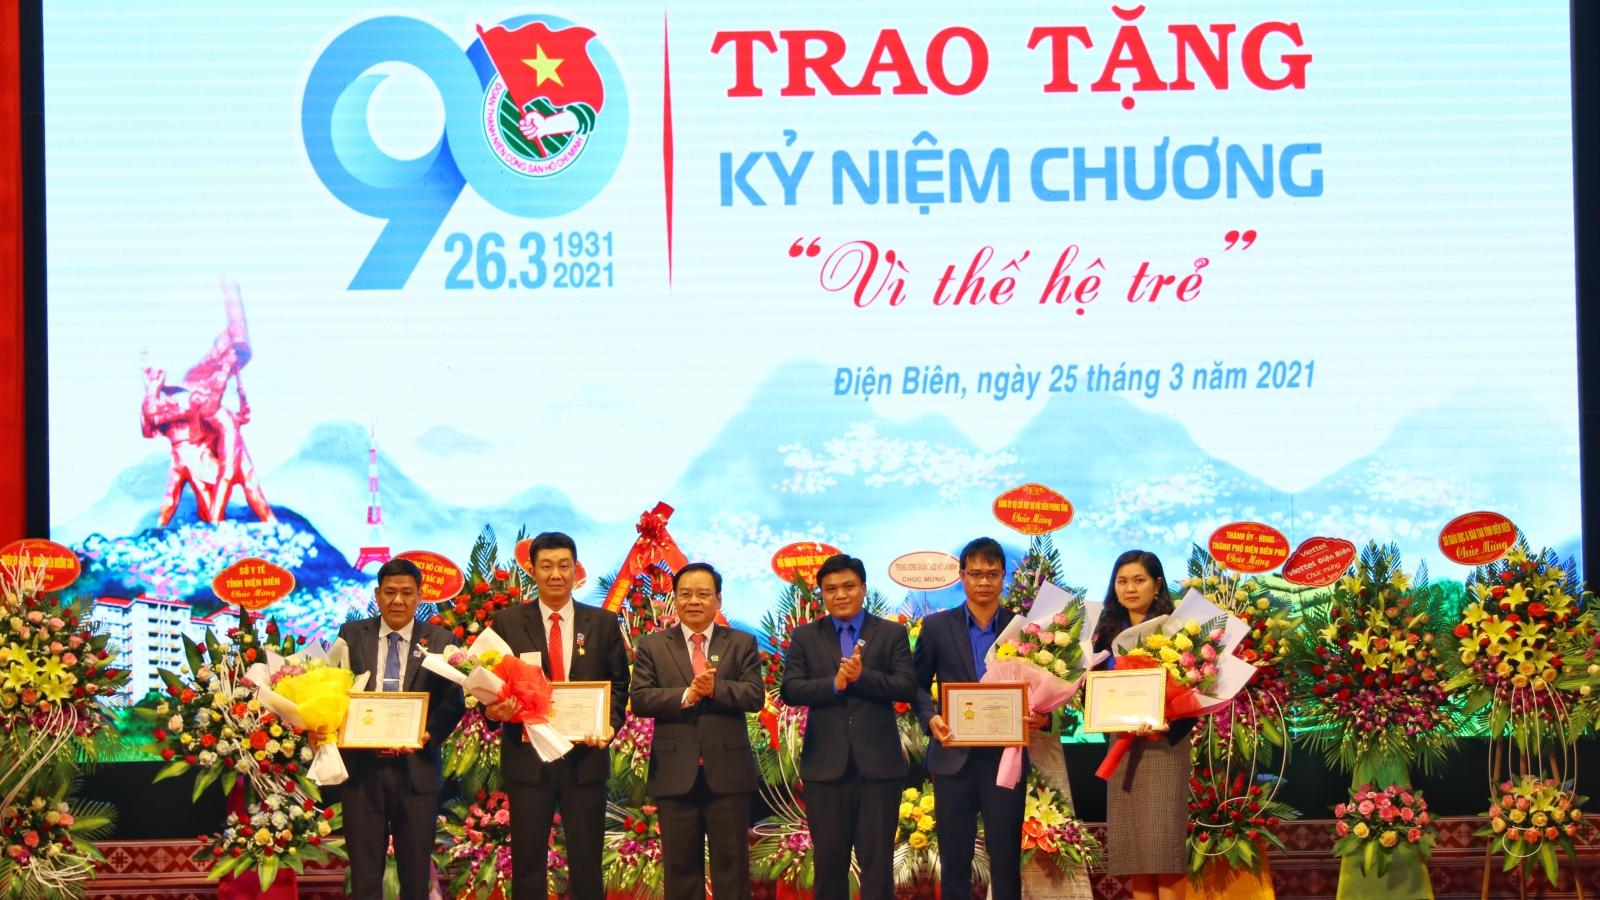 Điện Biên tuyên dương các tổ chức đoàn, cán bộ đoàn tiêu biểu